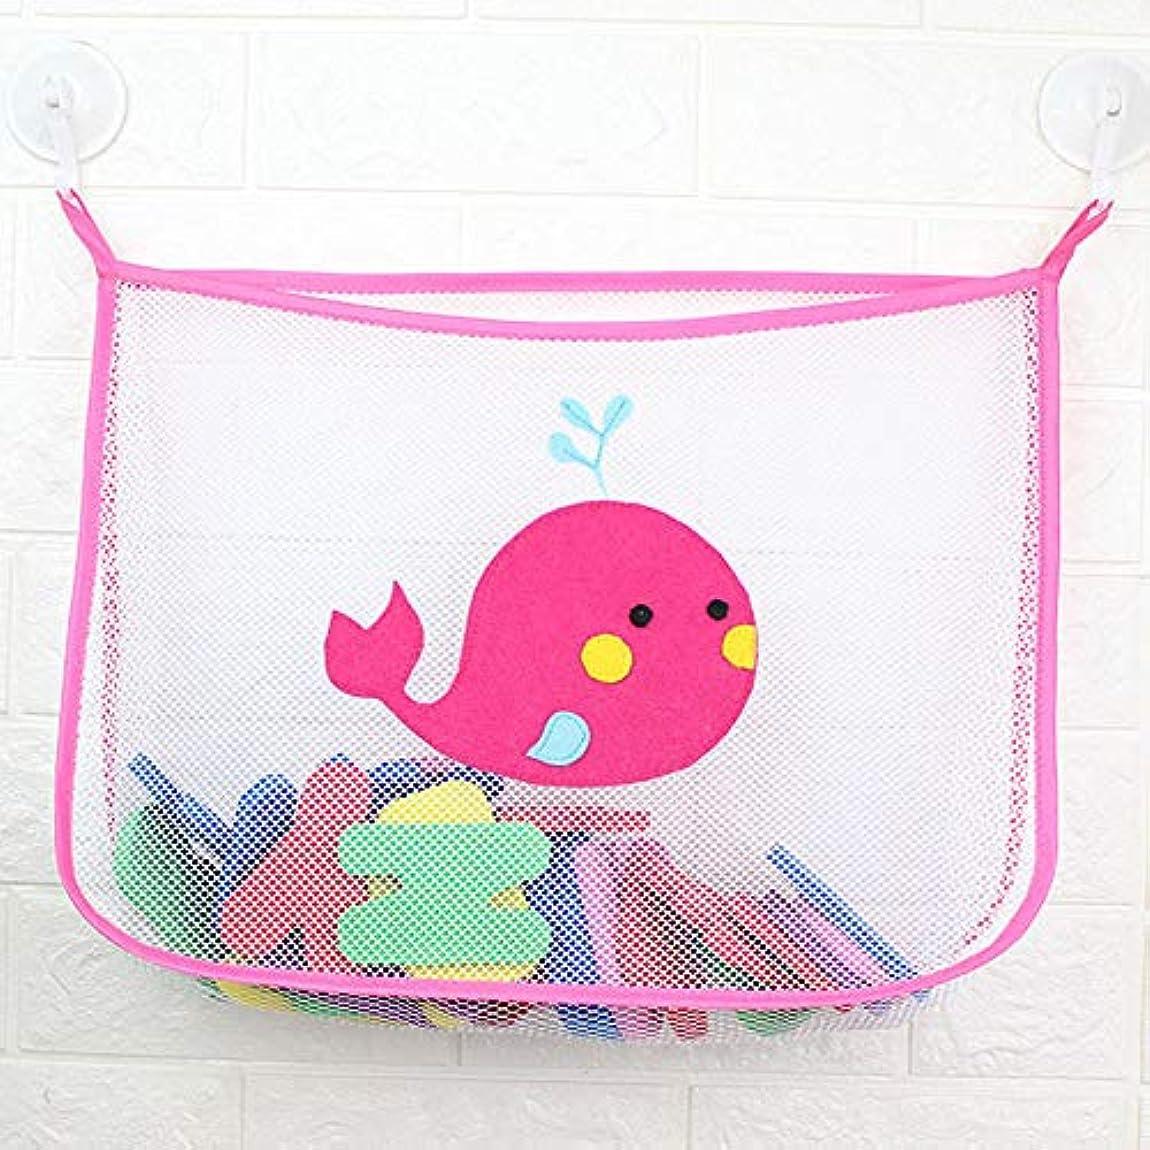 ラベンダーメジャーそうでなければベビーシャワー風呂のおもちゃ小さなアヒル小さなカエルの赤ちゃん子供のおもちゃ収納メッシュで強い吸盤玩具バッグネット浴室オーガナイザー (ピンク)